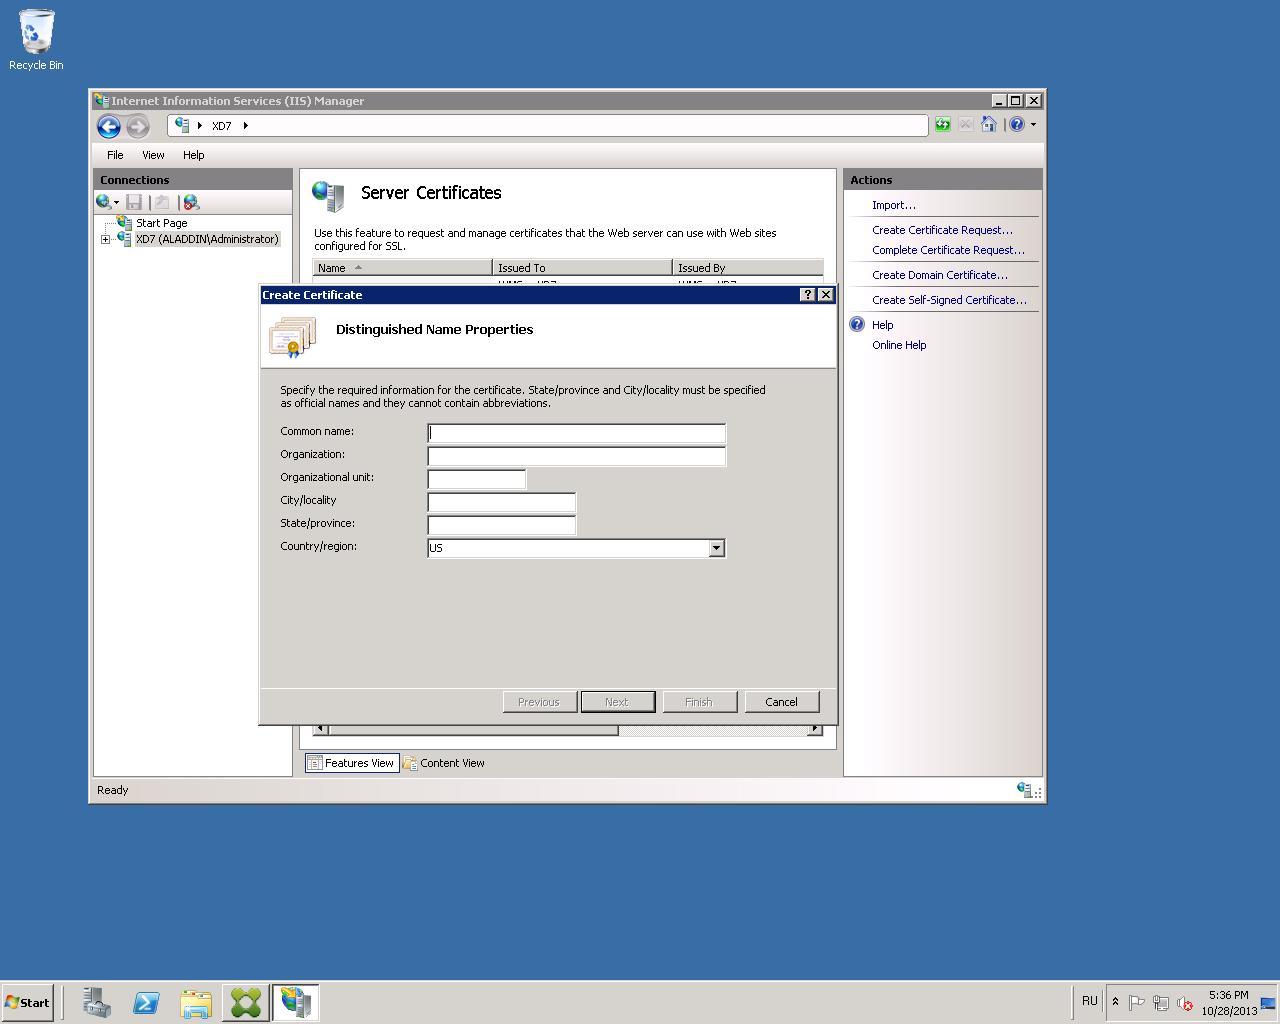 Настройка аутентификации в Citrix XenDesktop 7.x c использованием смарт-карт JaCarta PKI - 24